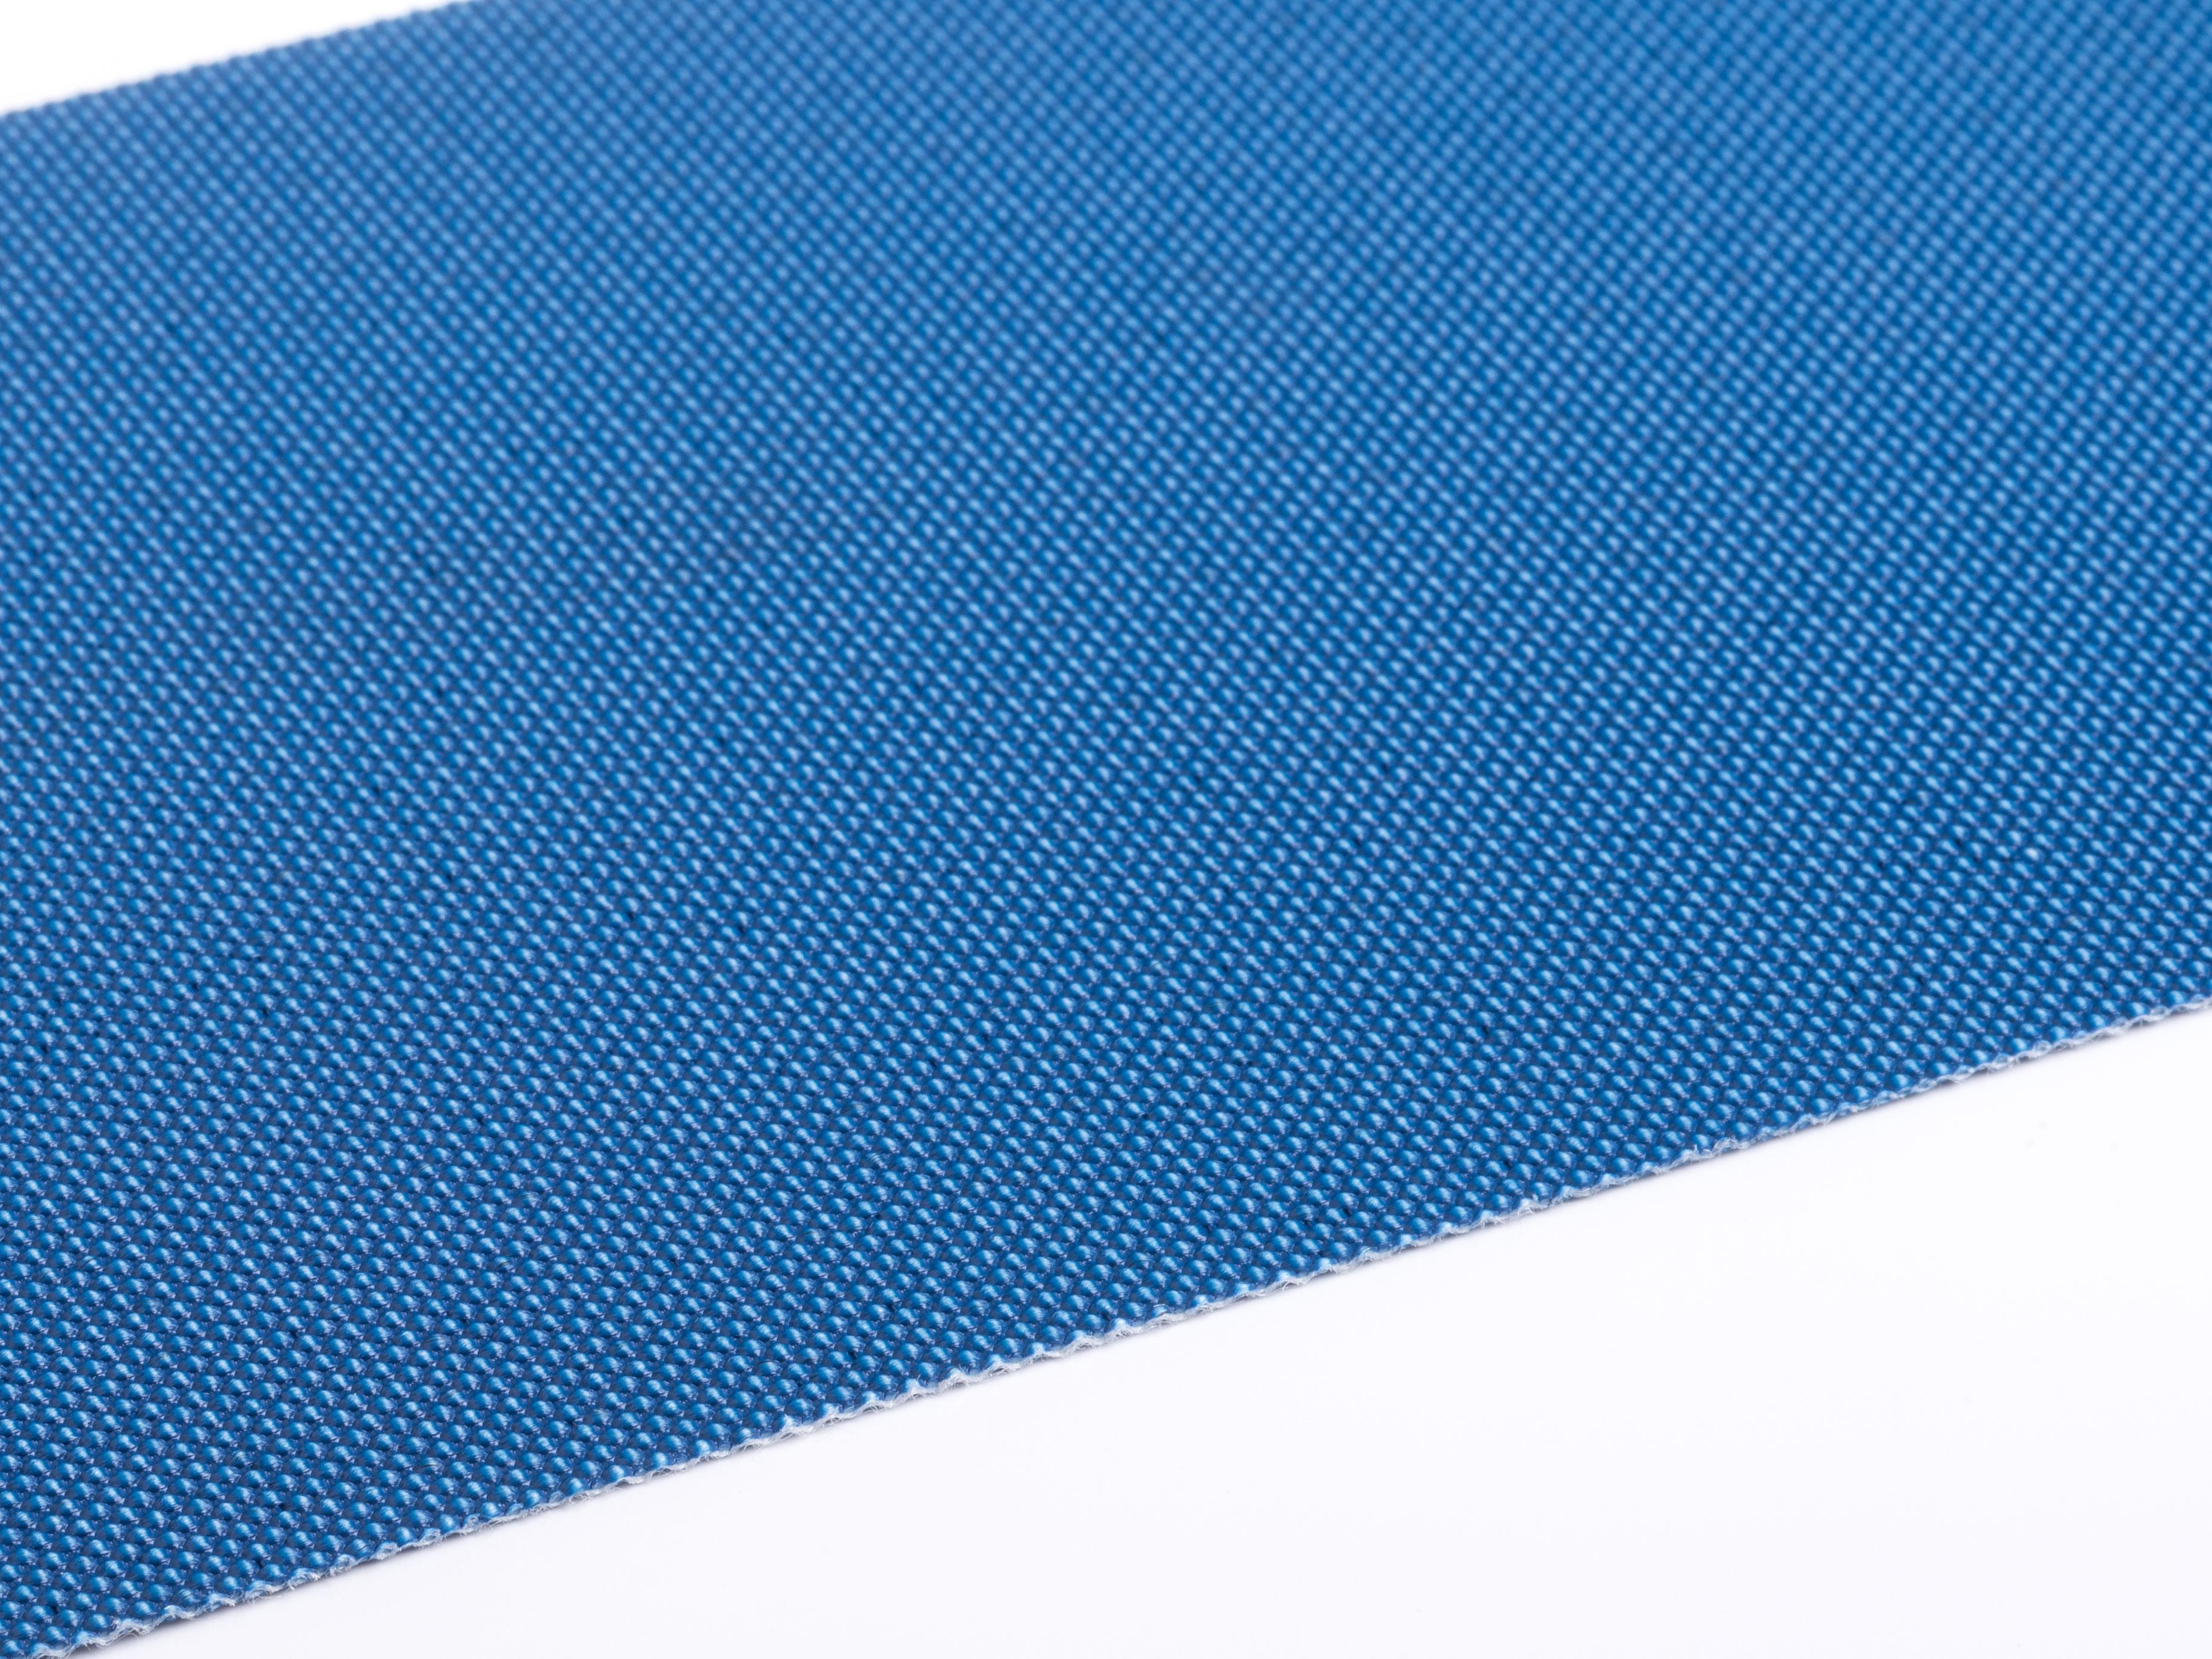 E 3/1 U0/U0 PS blau FDA